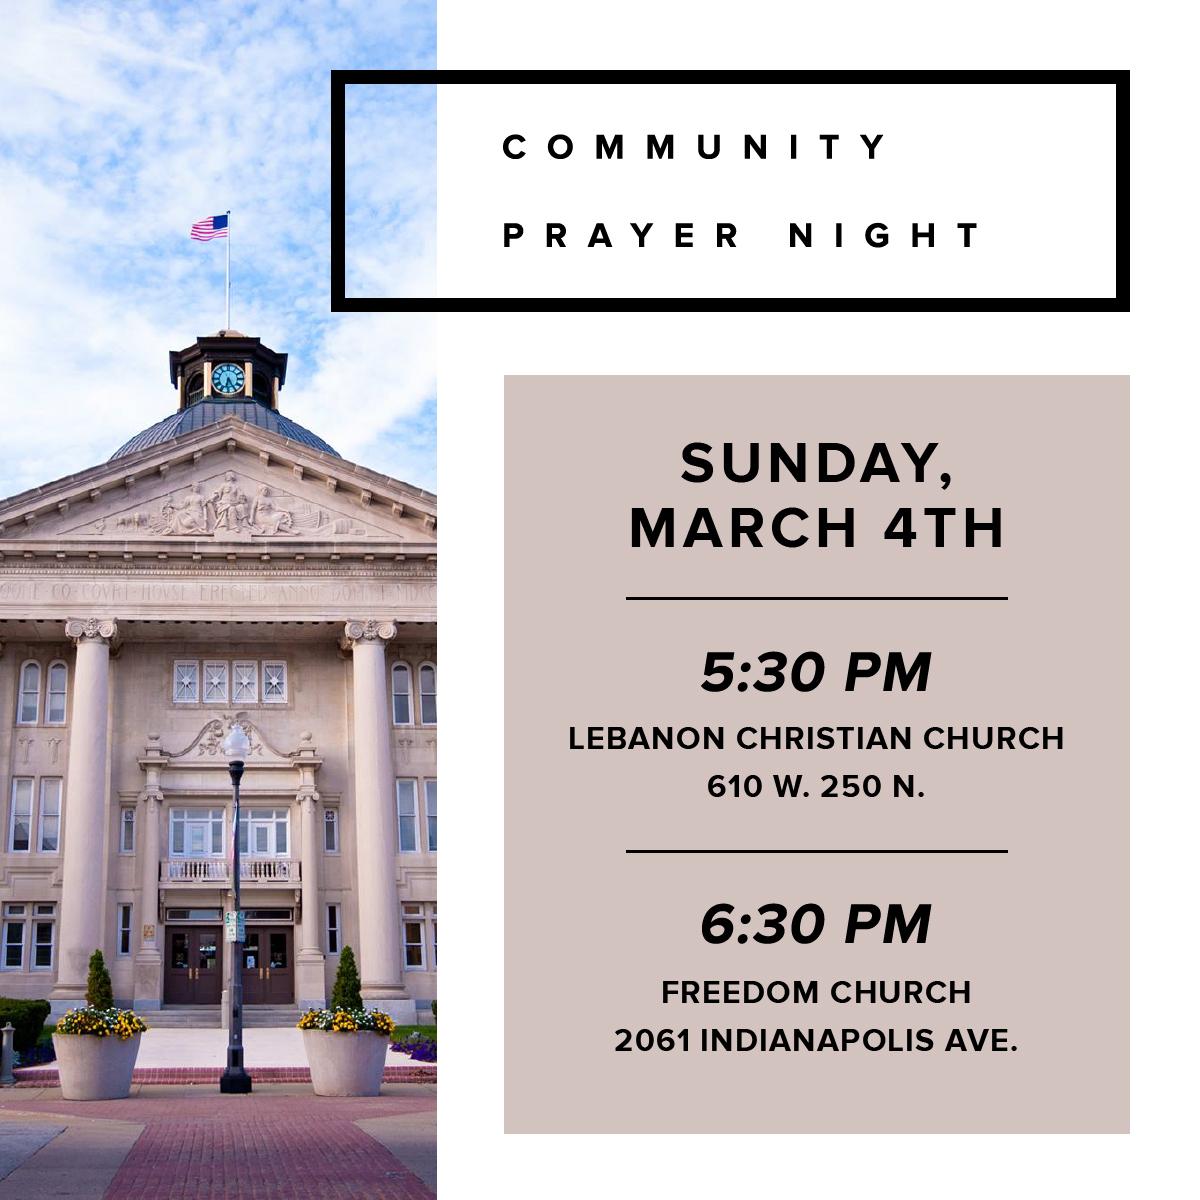 prayer_night_socialmedia.jpg